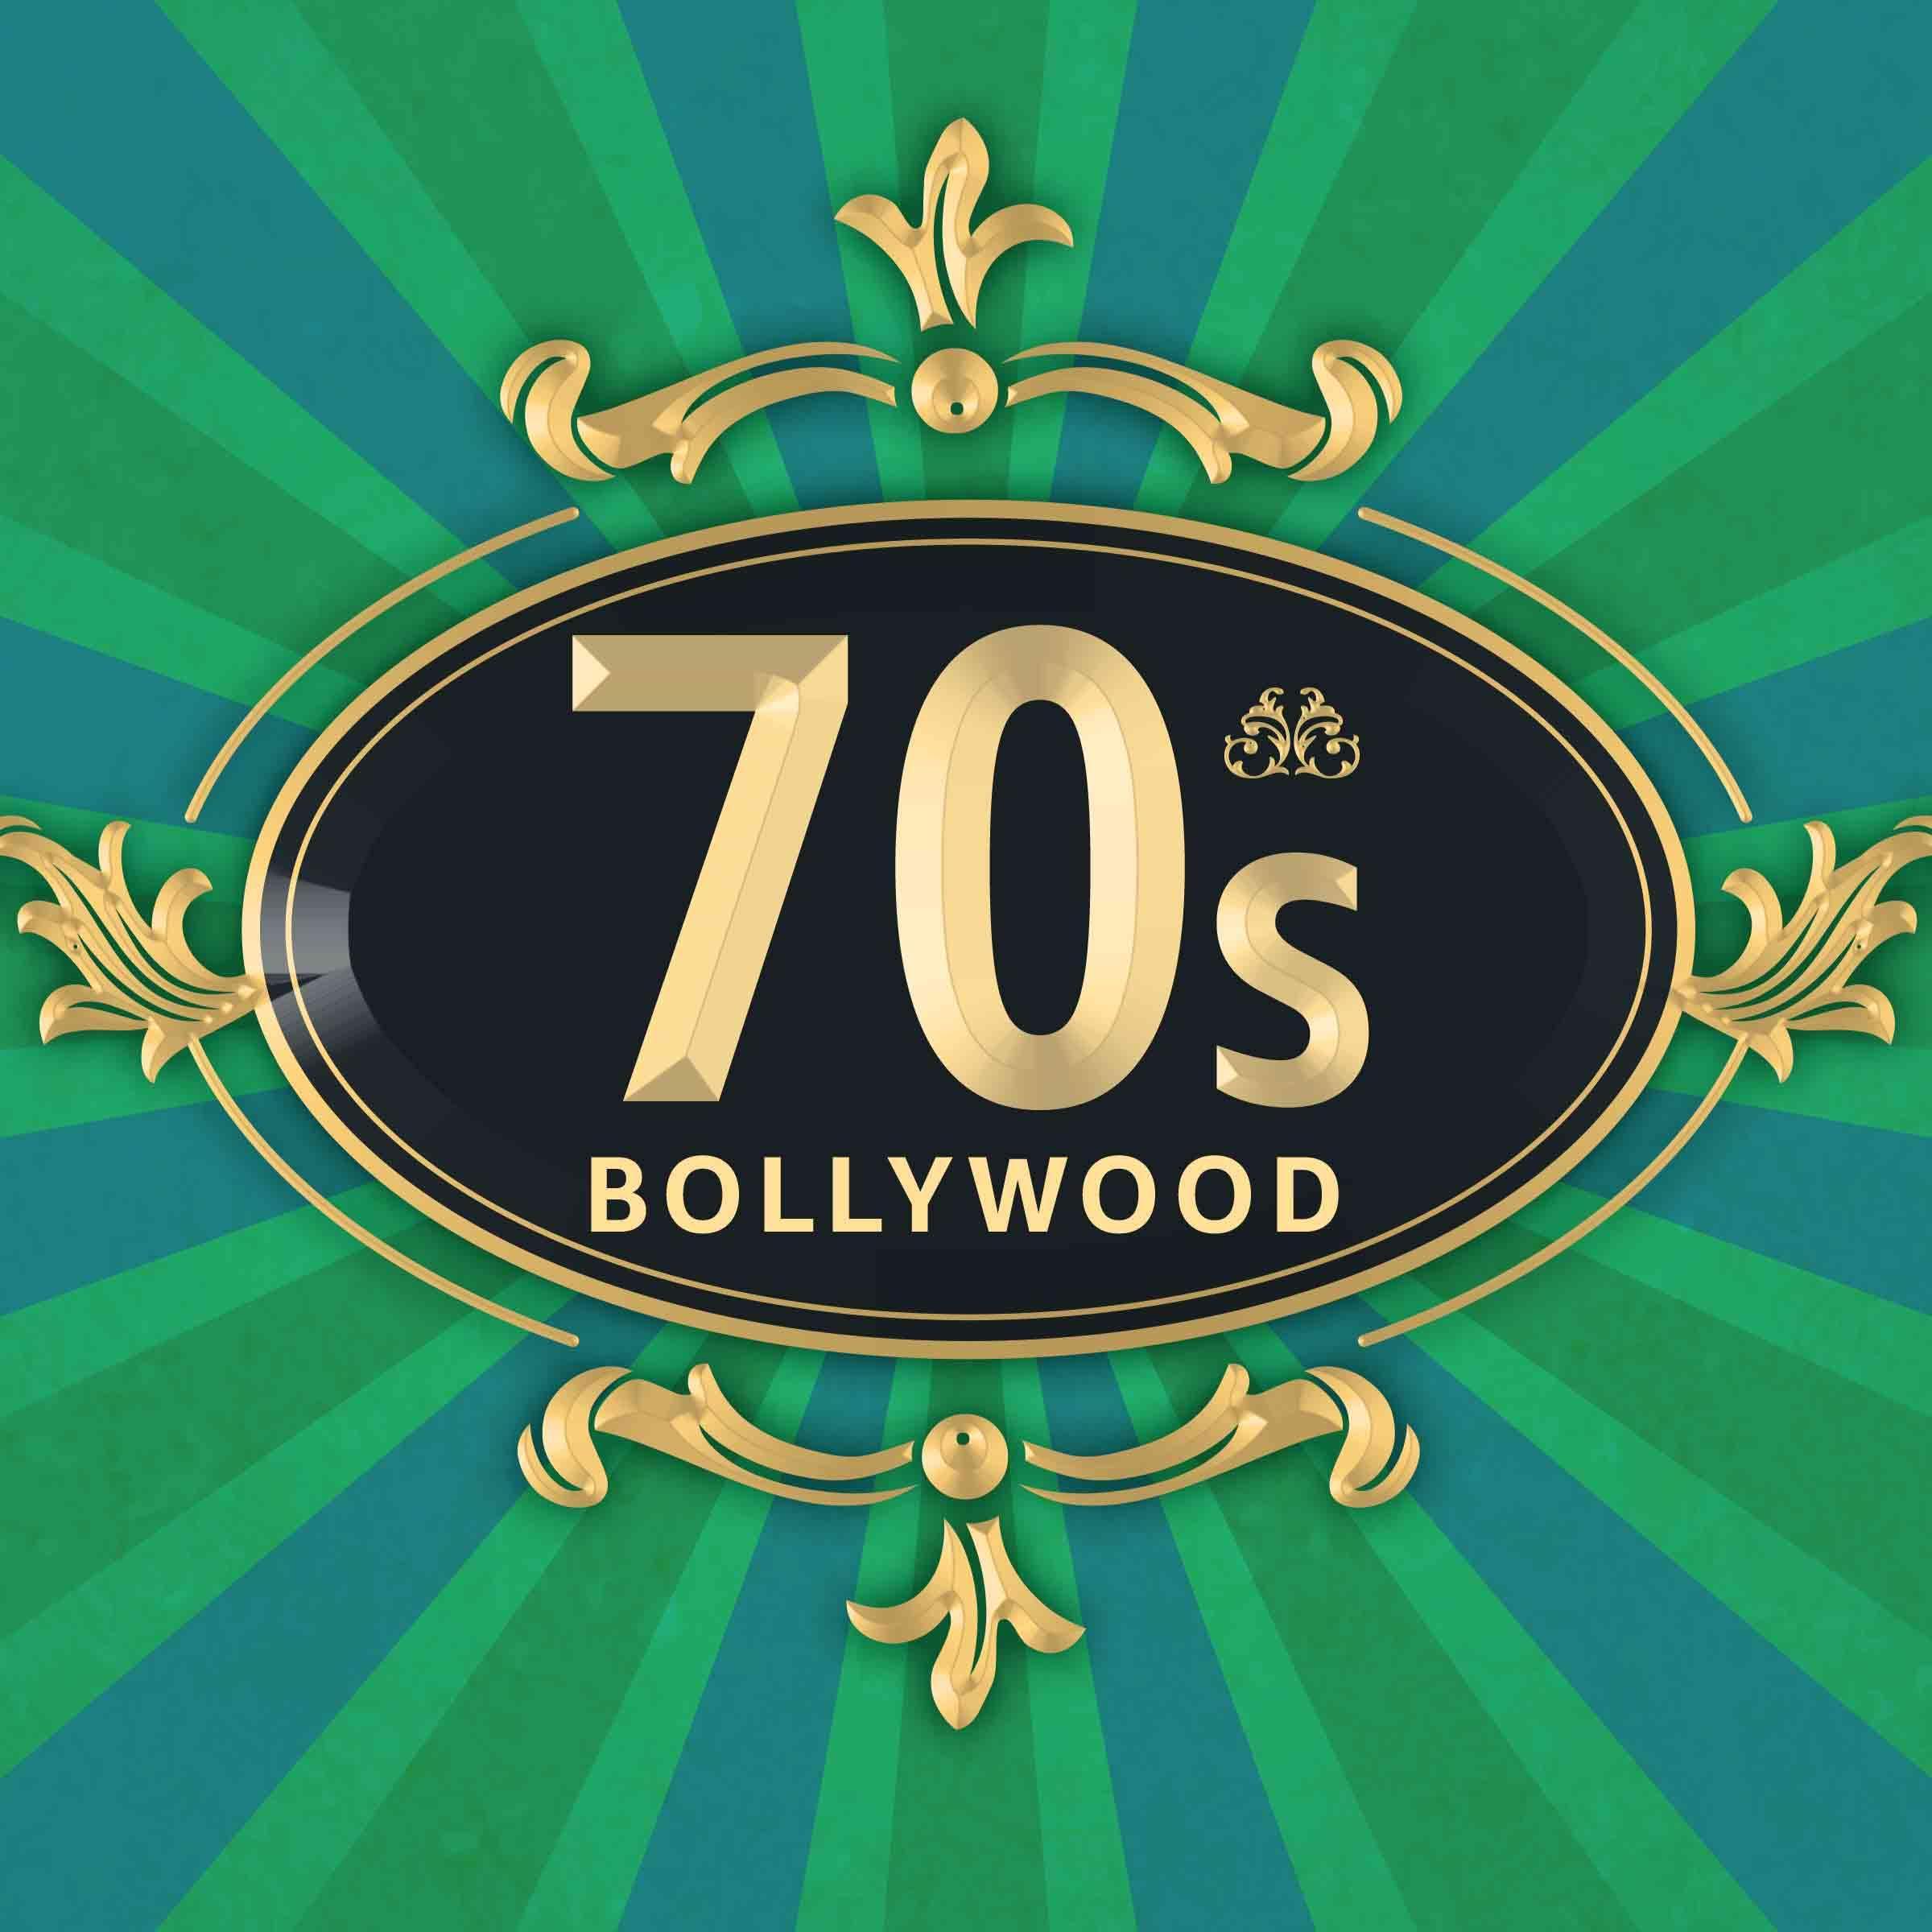 70s Bollywood